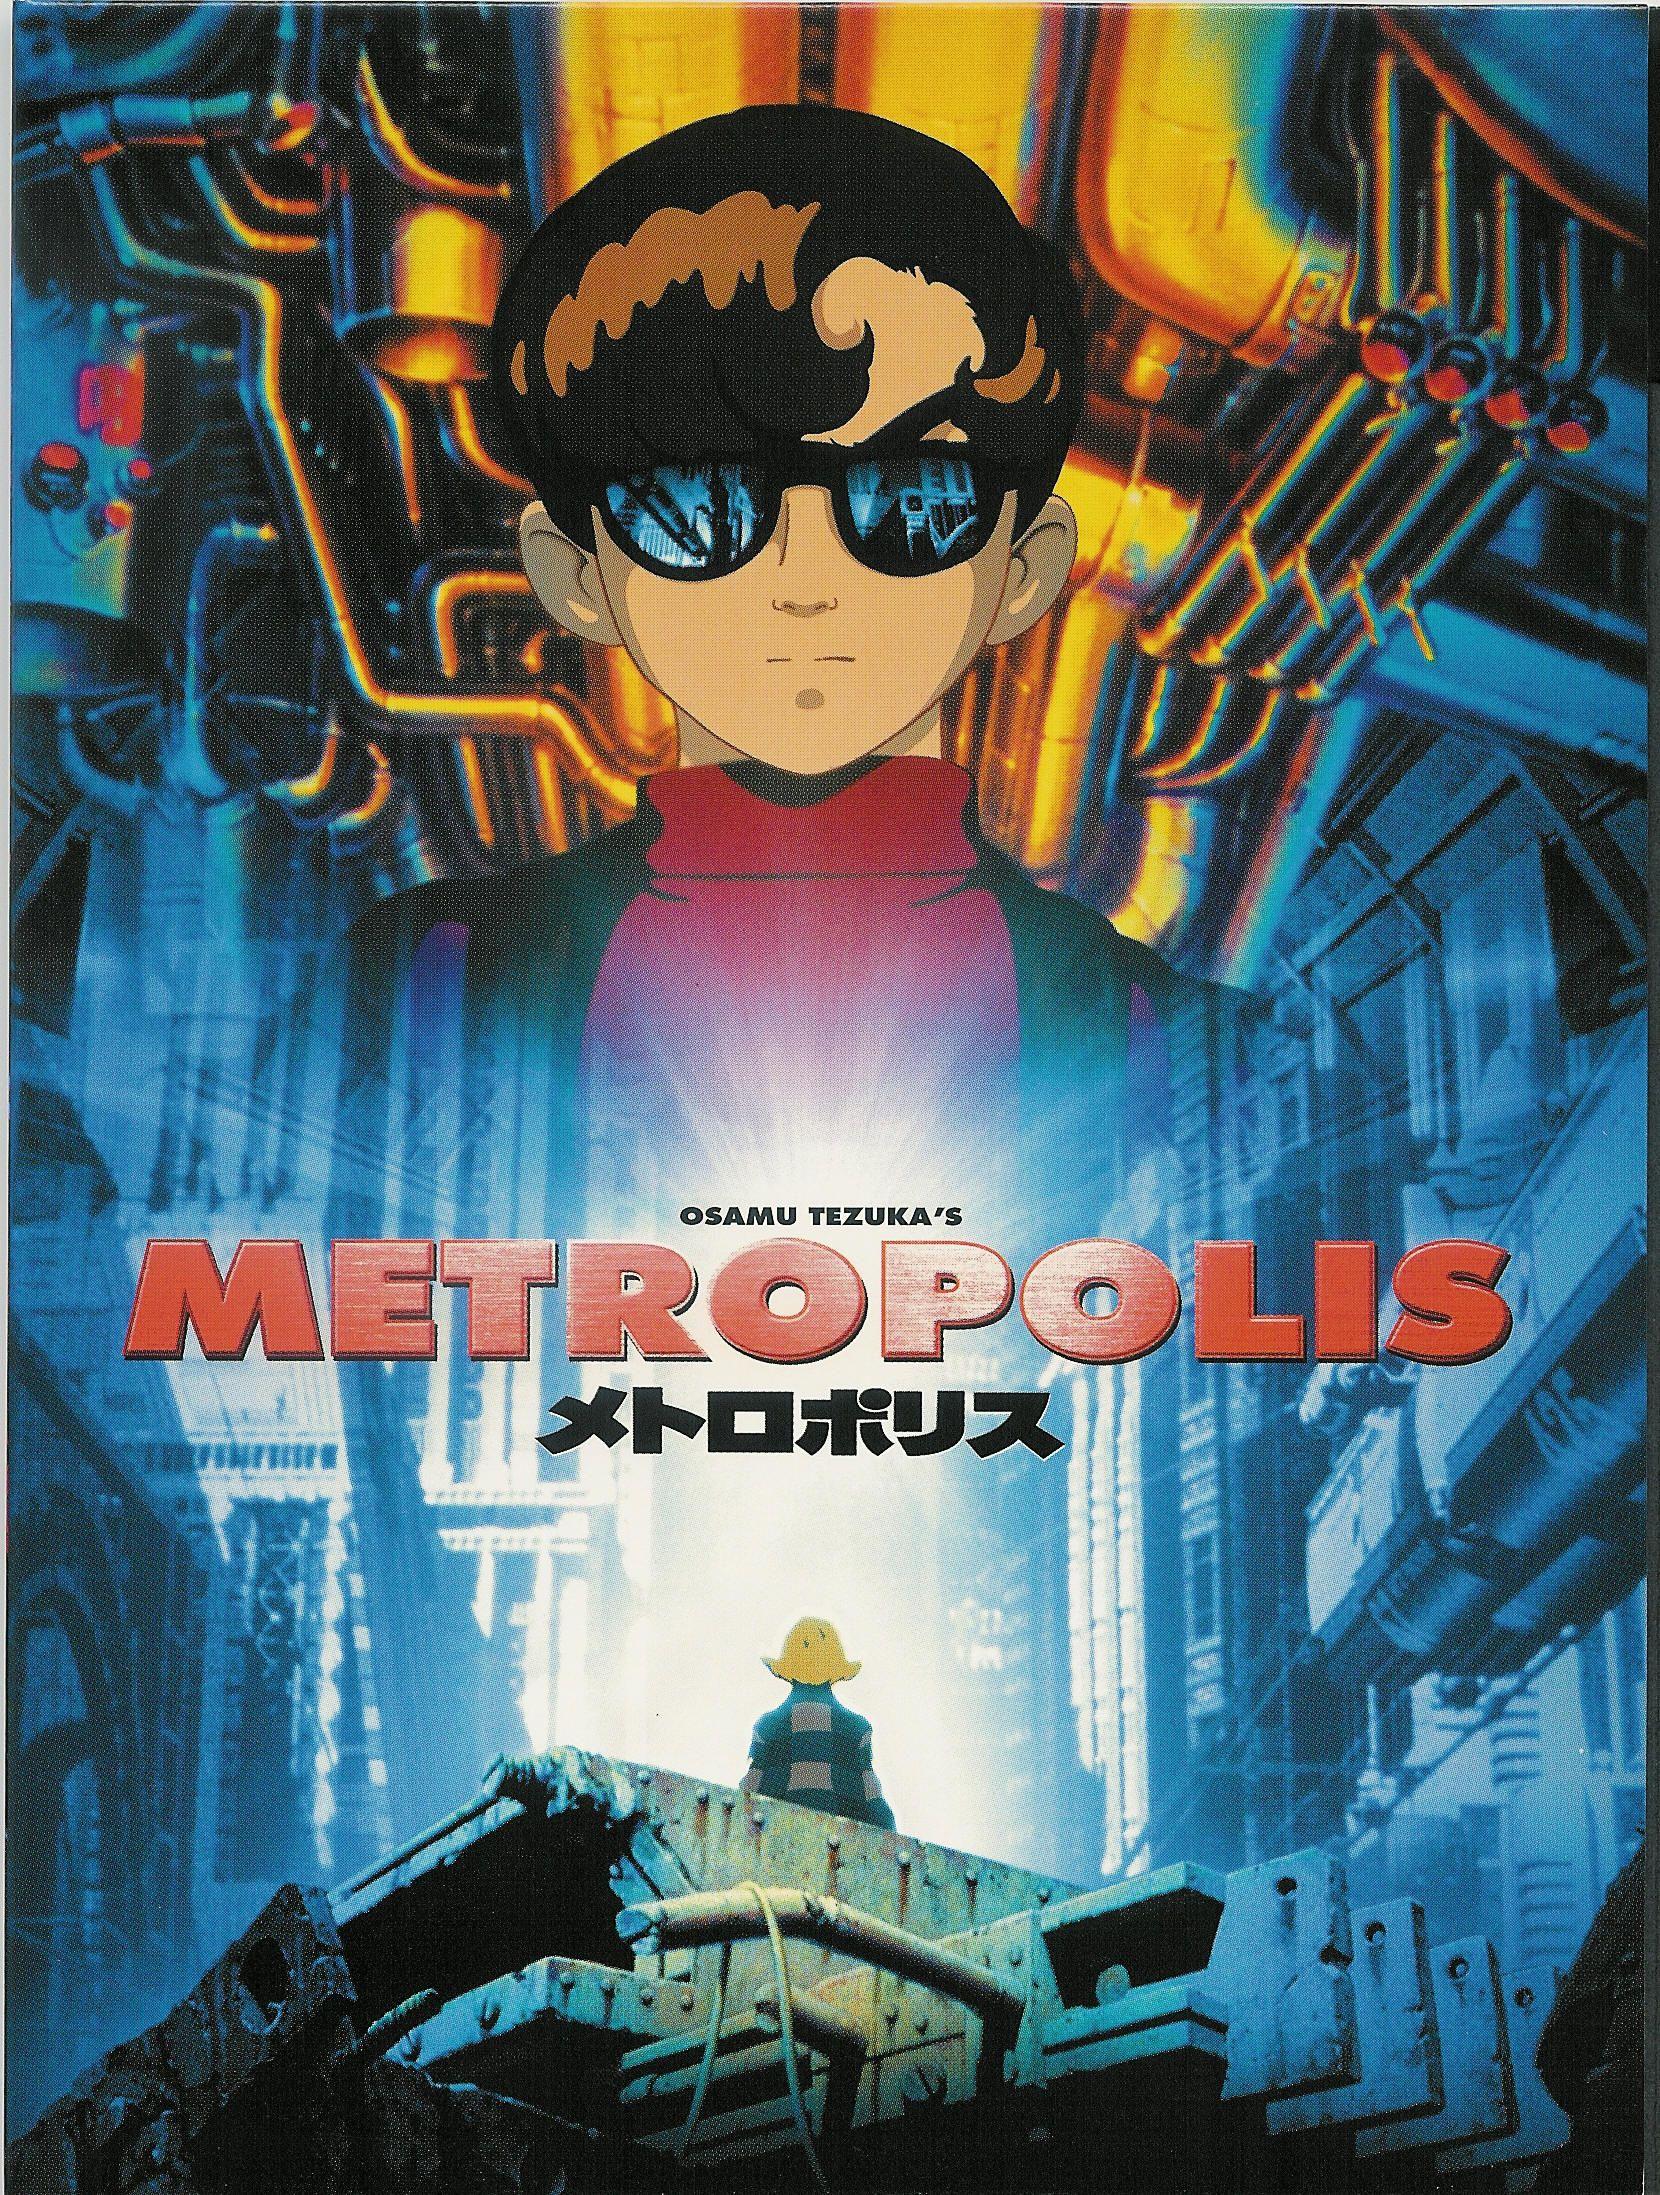 Metropolis.full.608860.jpg (1660×2195) Metropolis 2001